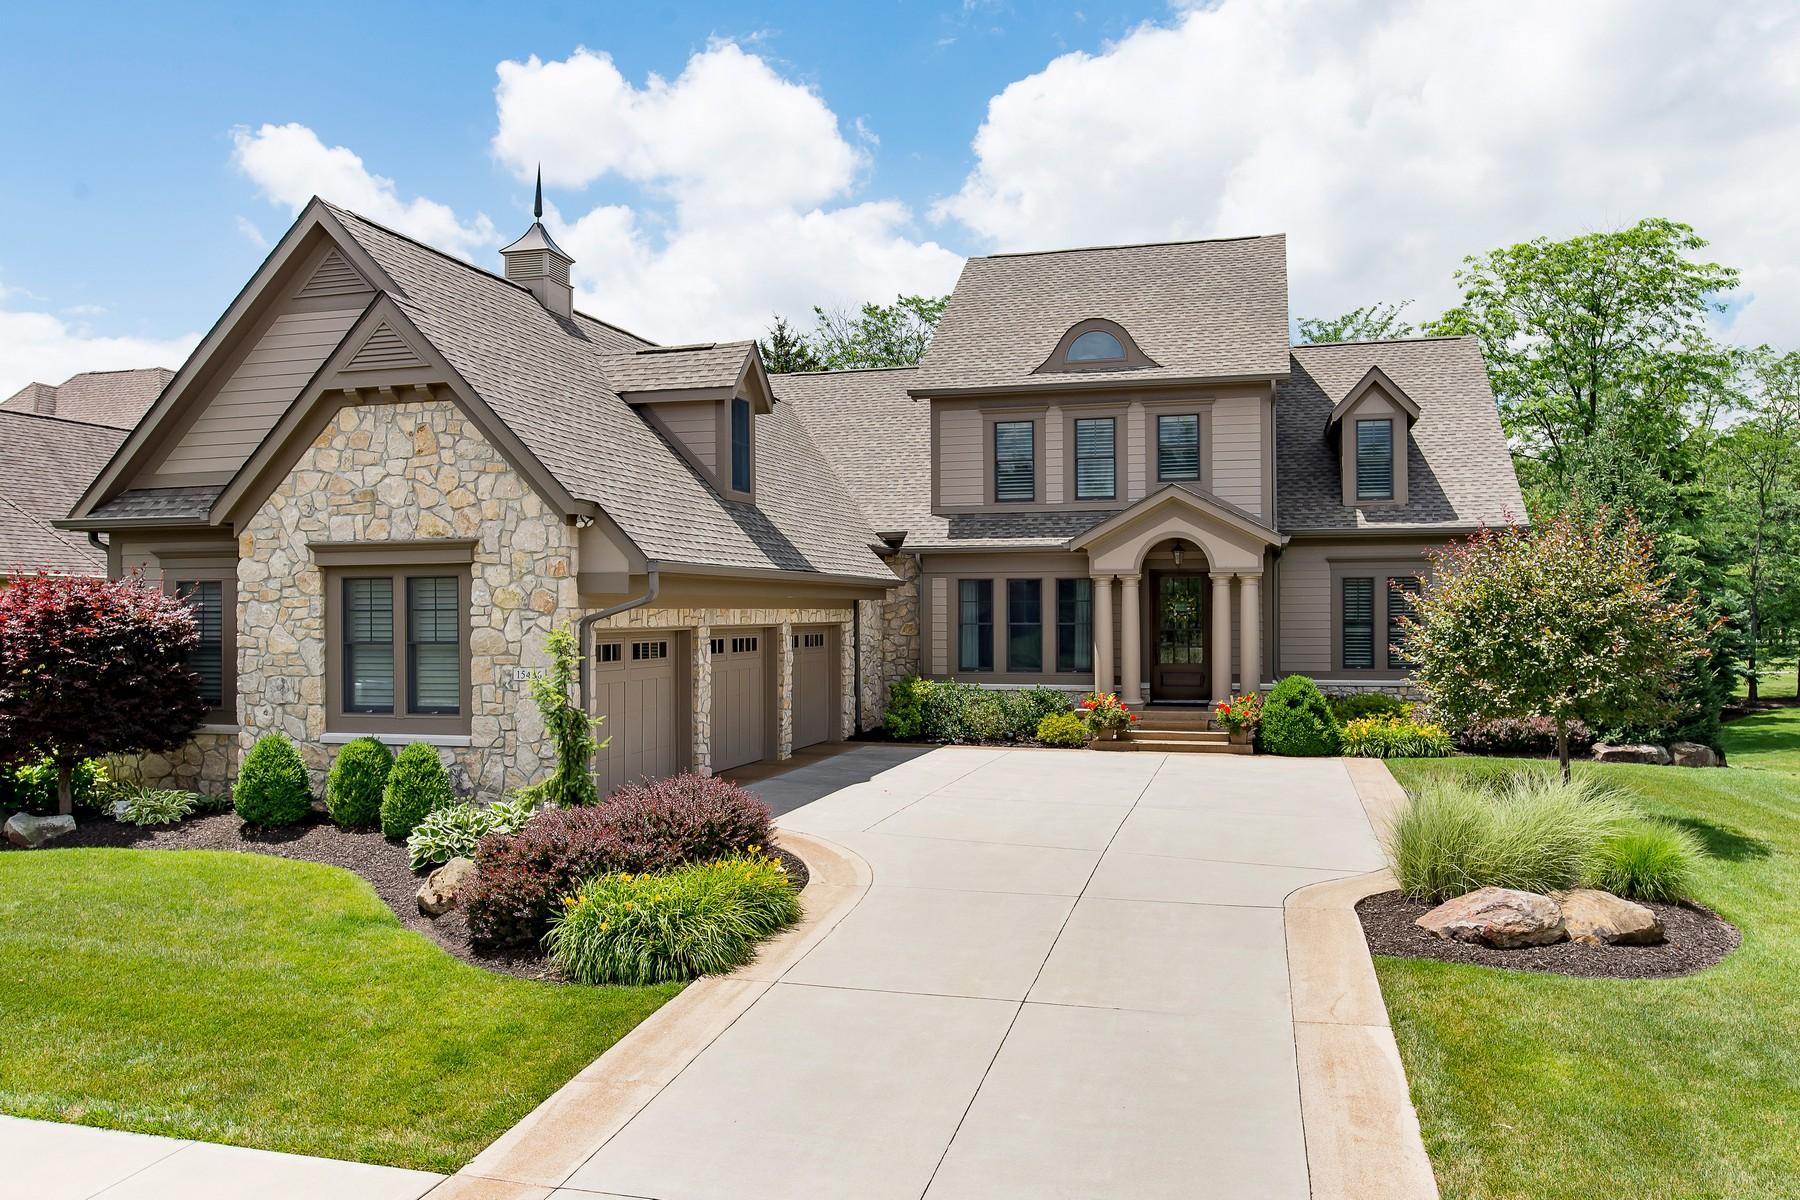 Moradia para Venda às Incredible Home on Golf Course 15486 Hidden Oaks Lane Carmel, Indiana, 46033 Estados Unidos